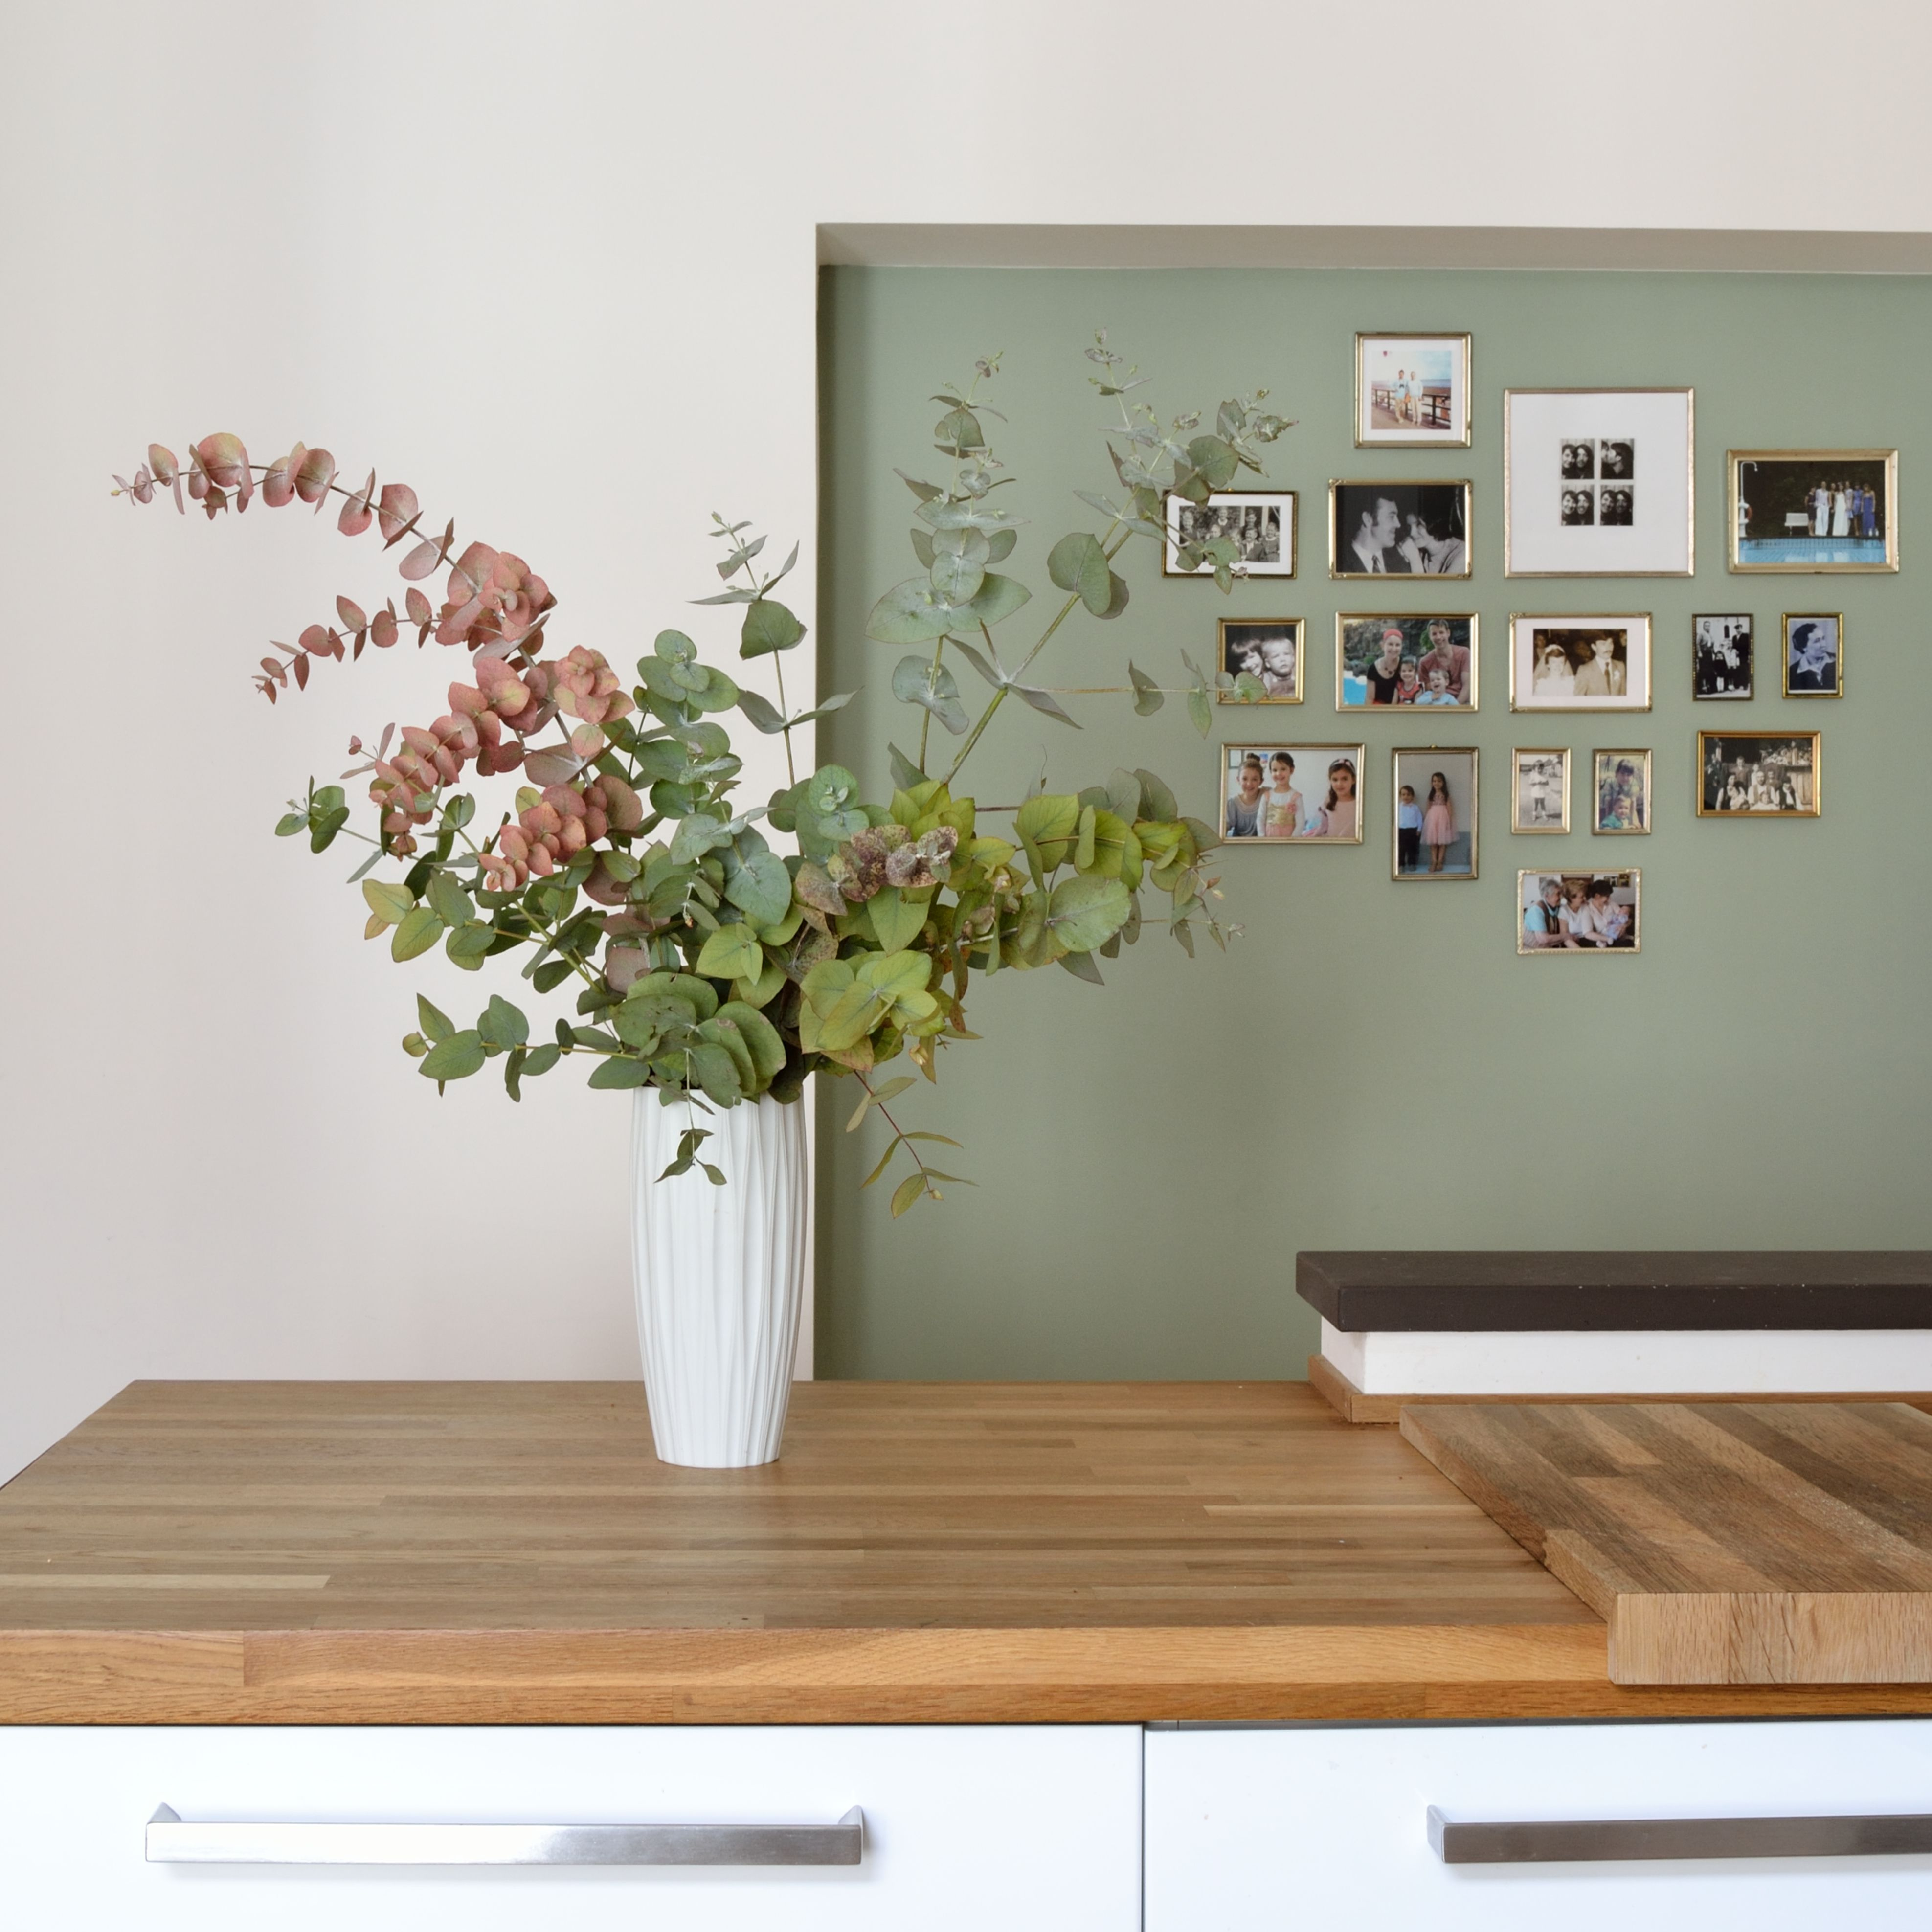 Grun Grun Grun Tapete Wohnzimmer Wandfarbe Wohnzimmer Produktdesign